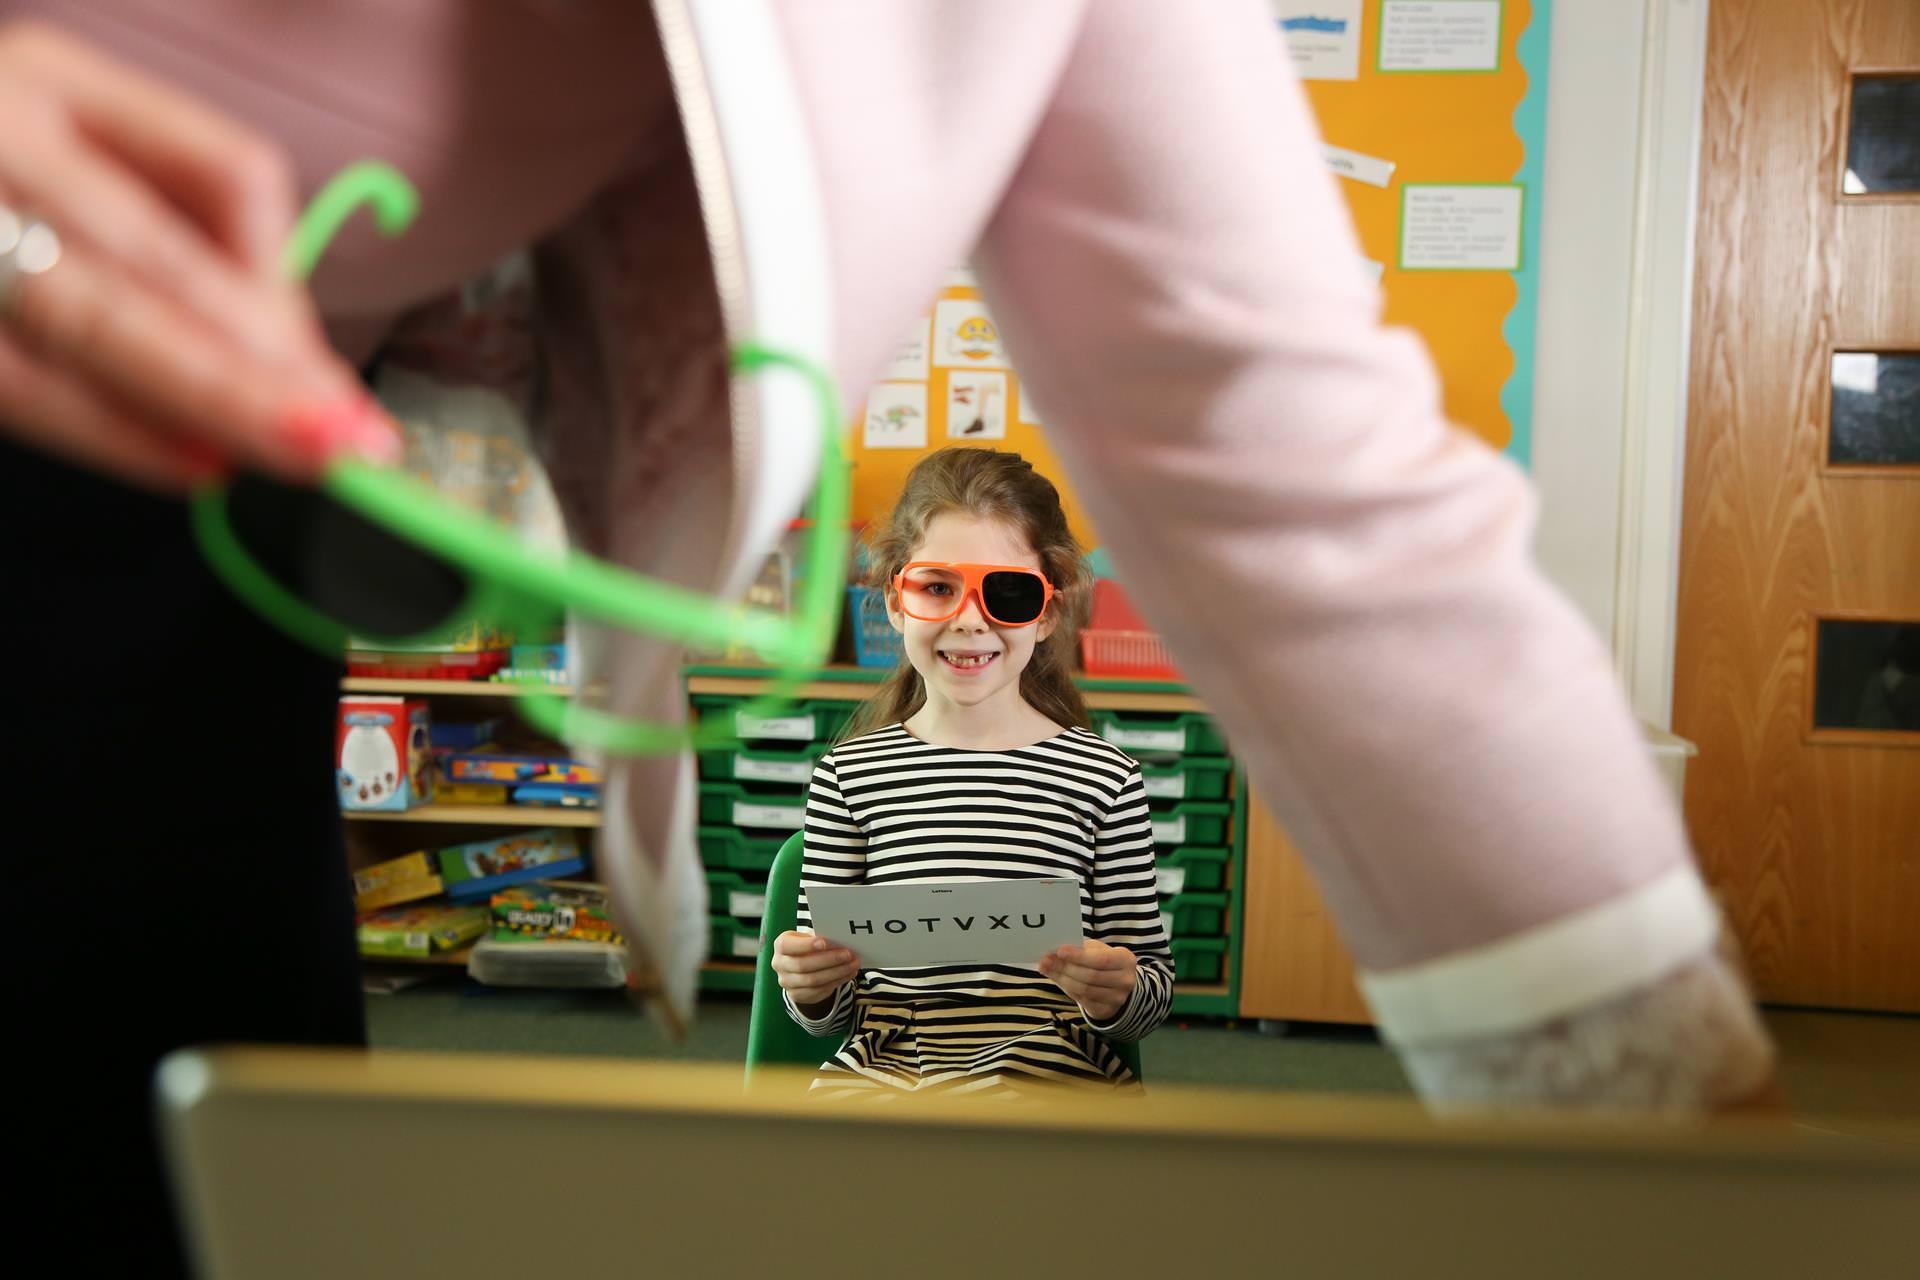 schoolscreener_vision_primary_education